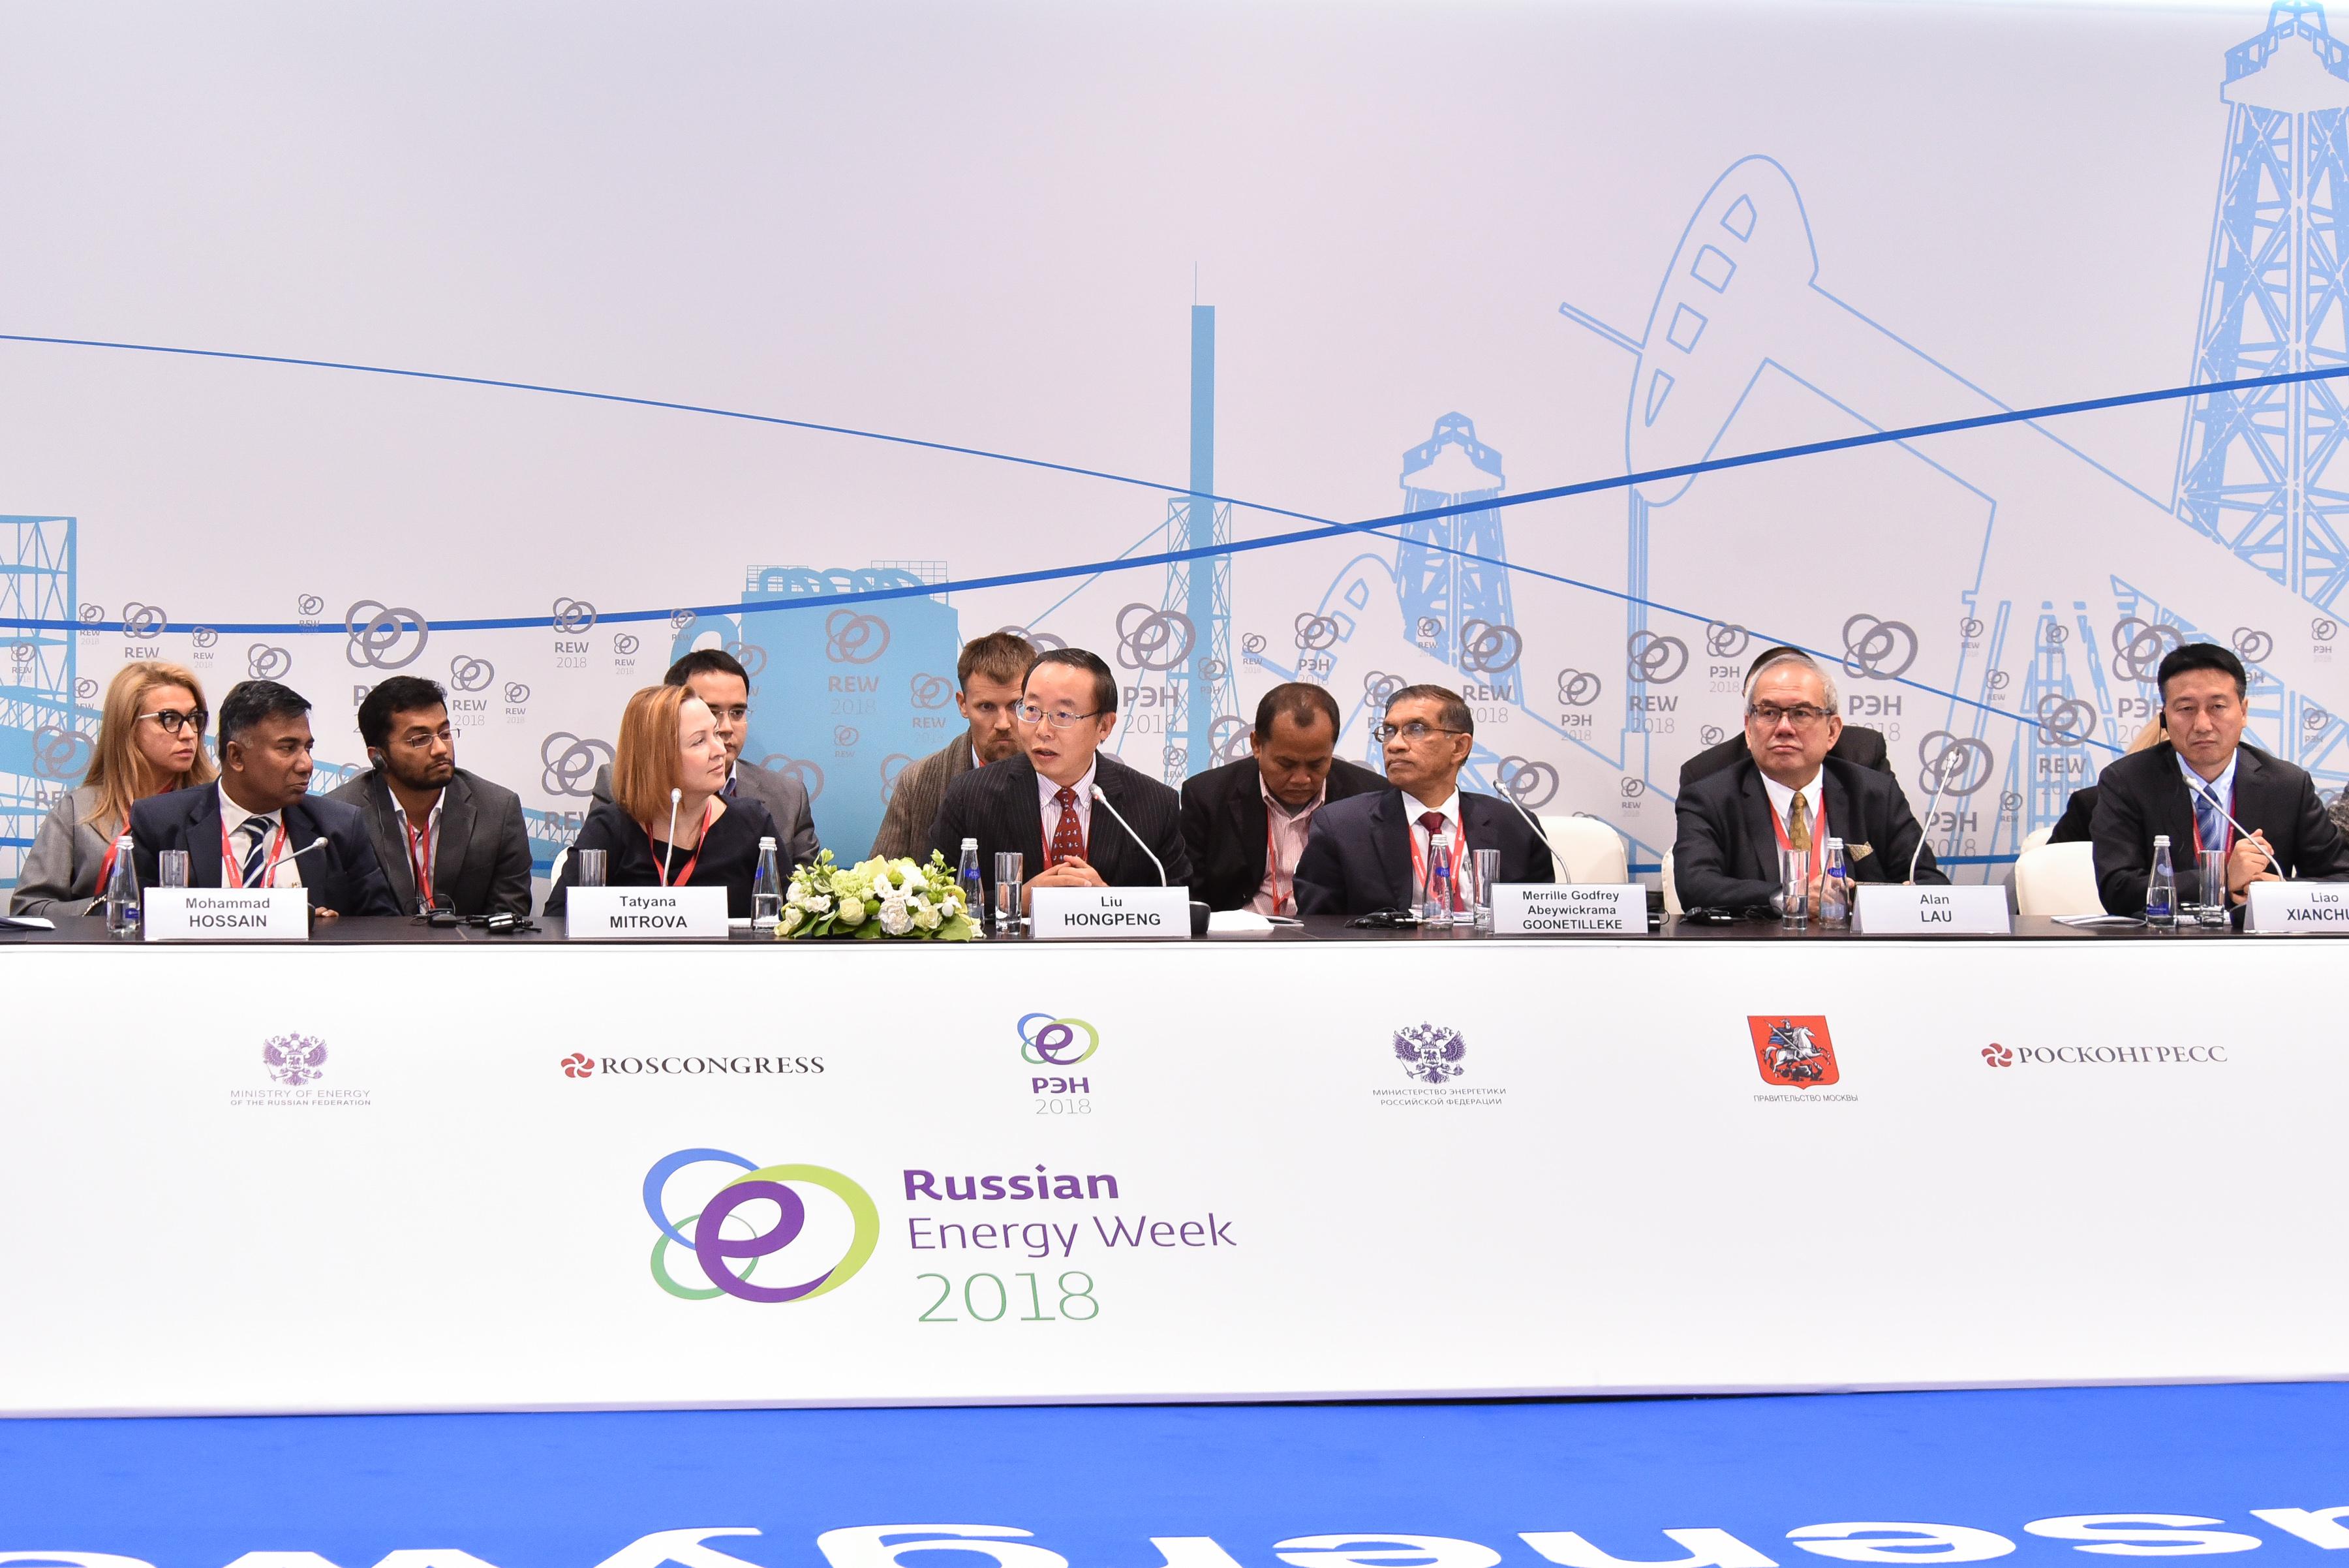 Российская энергетическая неделя - 2018 |  Russian Energy Week 2018